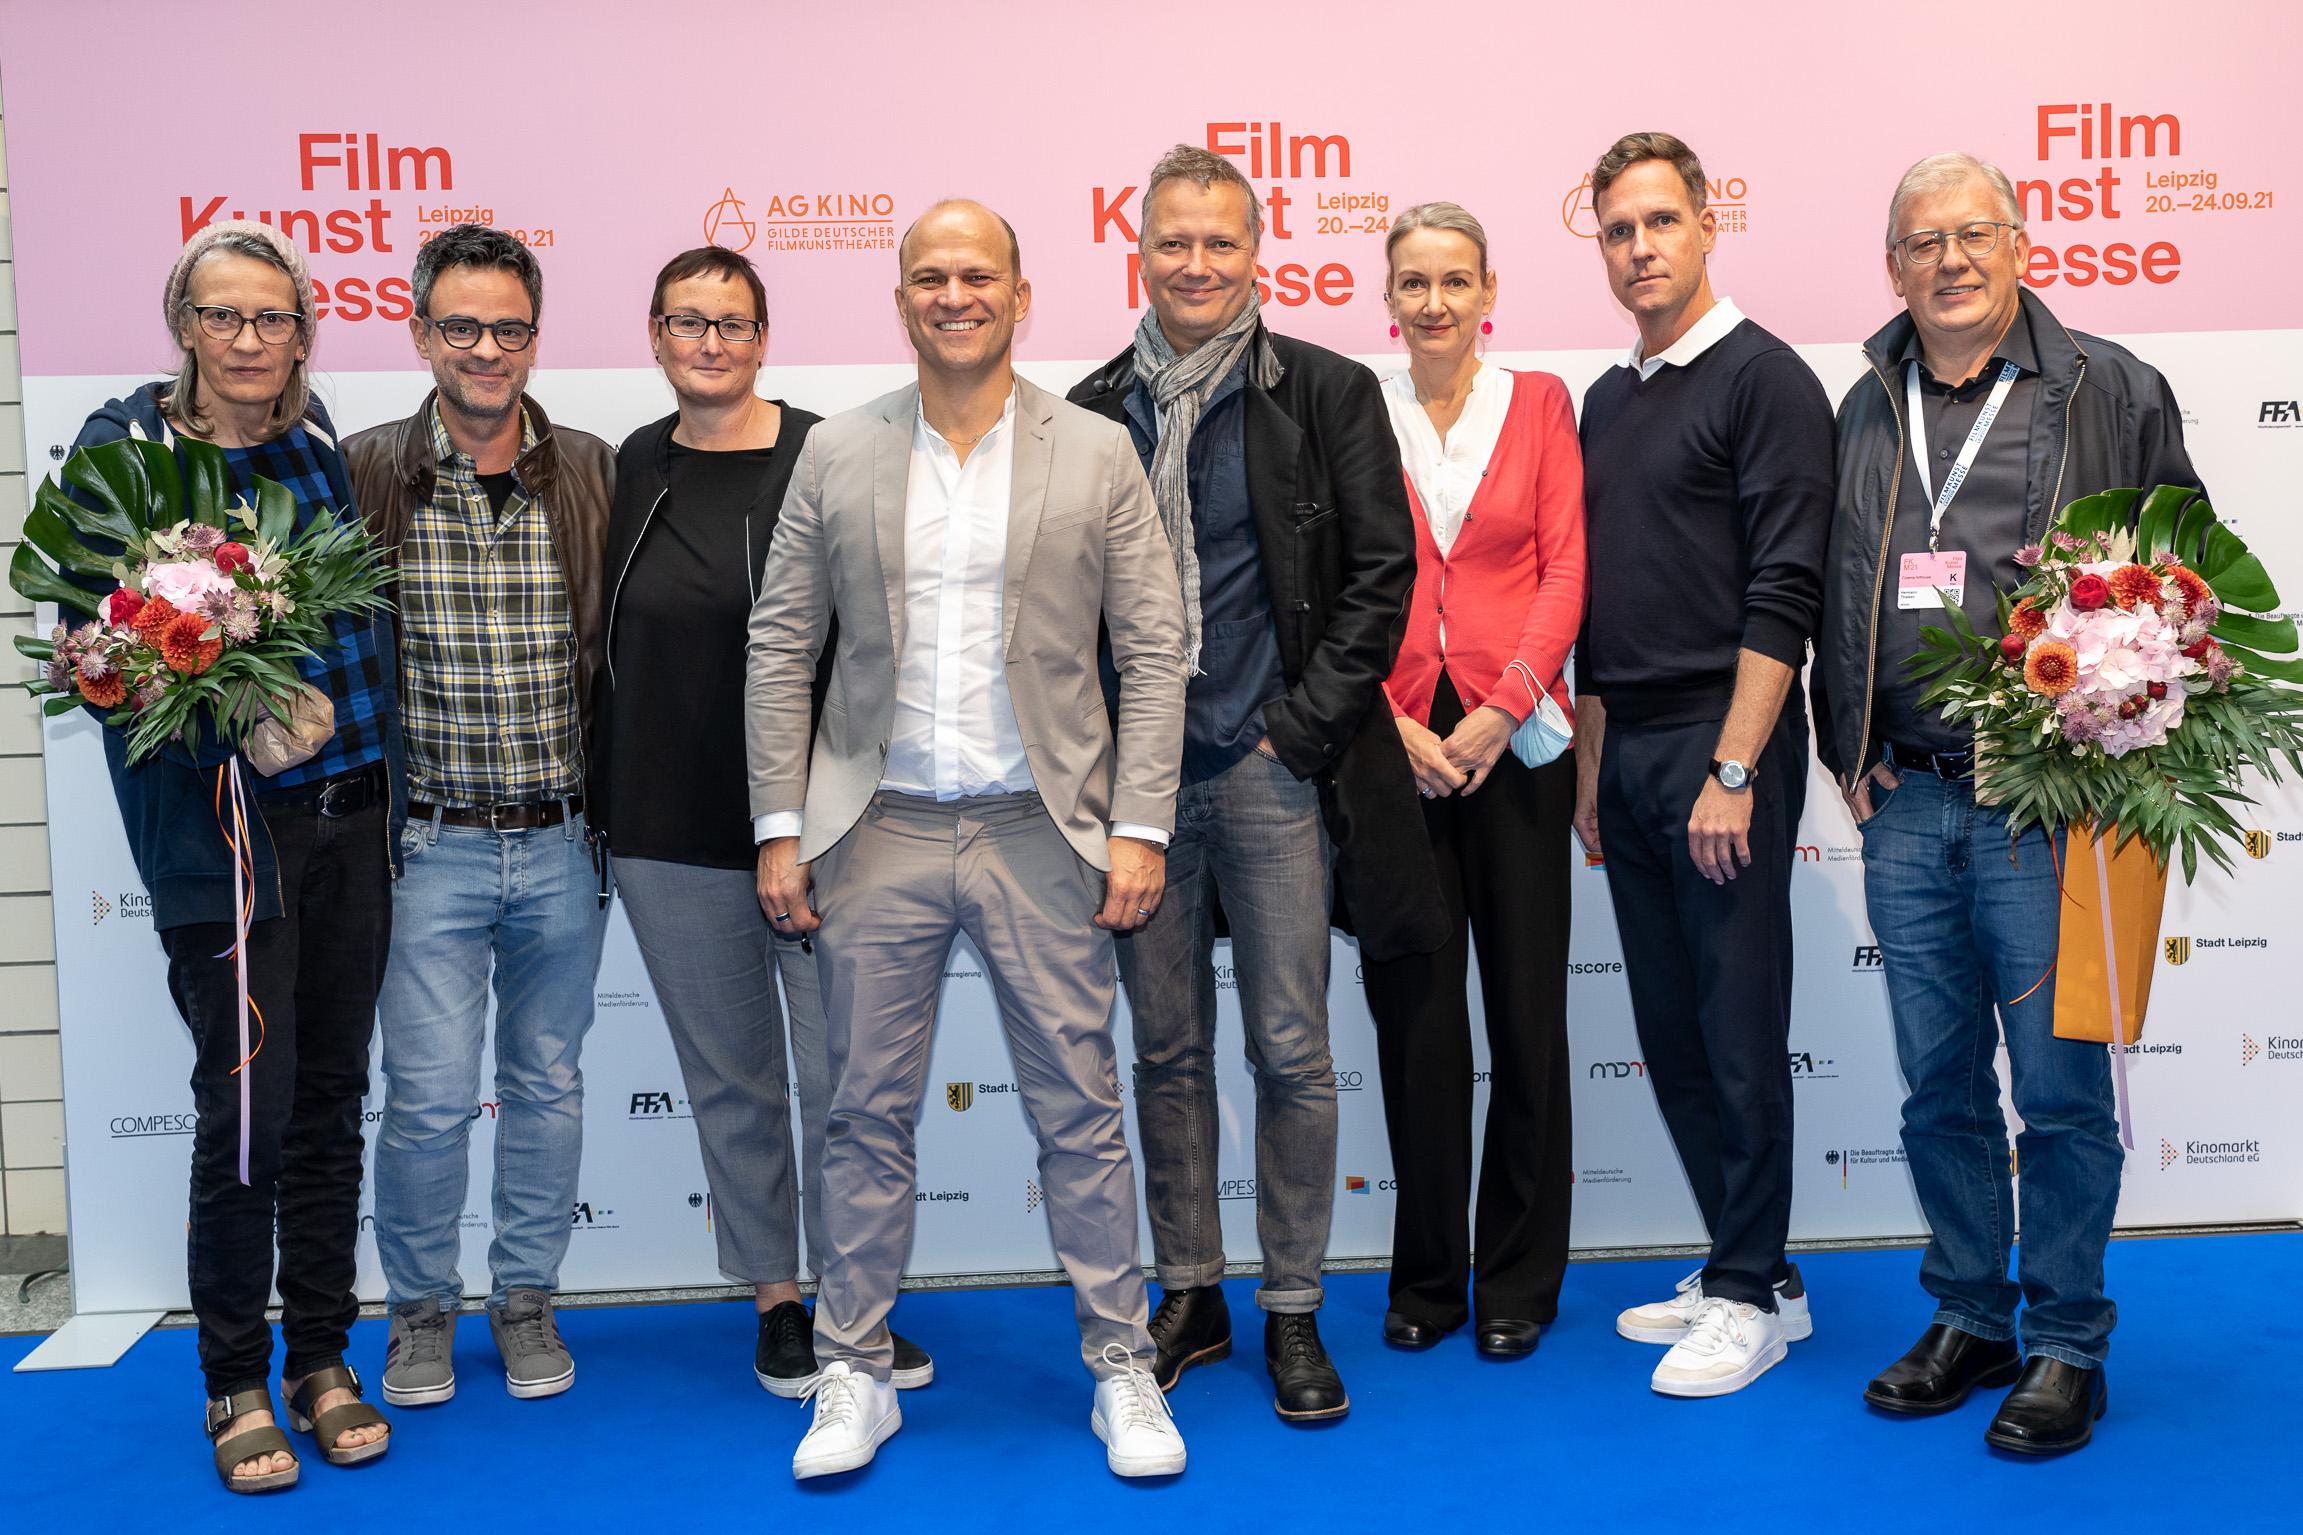 AG Kino – Gilde wählt neuen Vorstand: Christian Bräuer mit großer Zustimmung als 1. Vorsitzender bestätigt